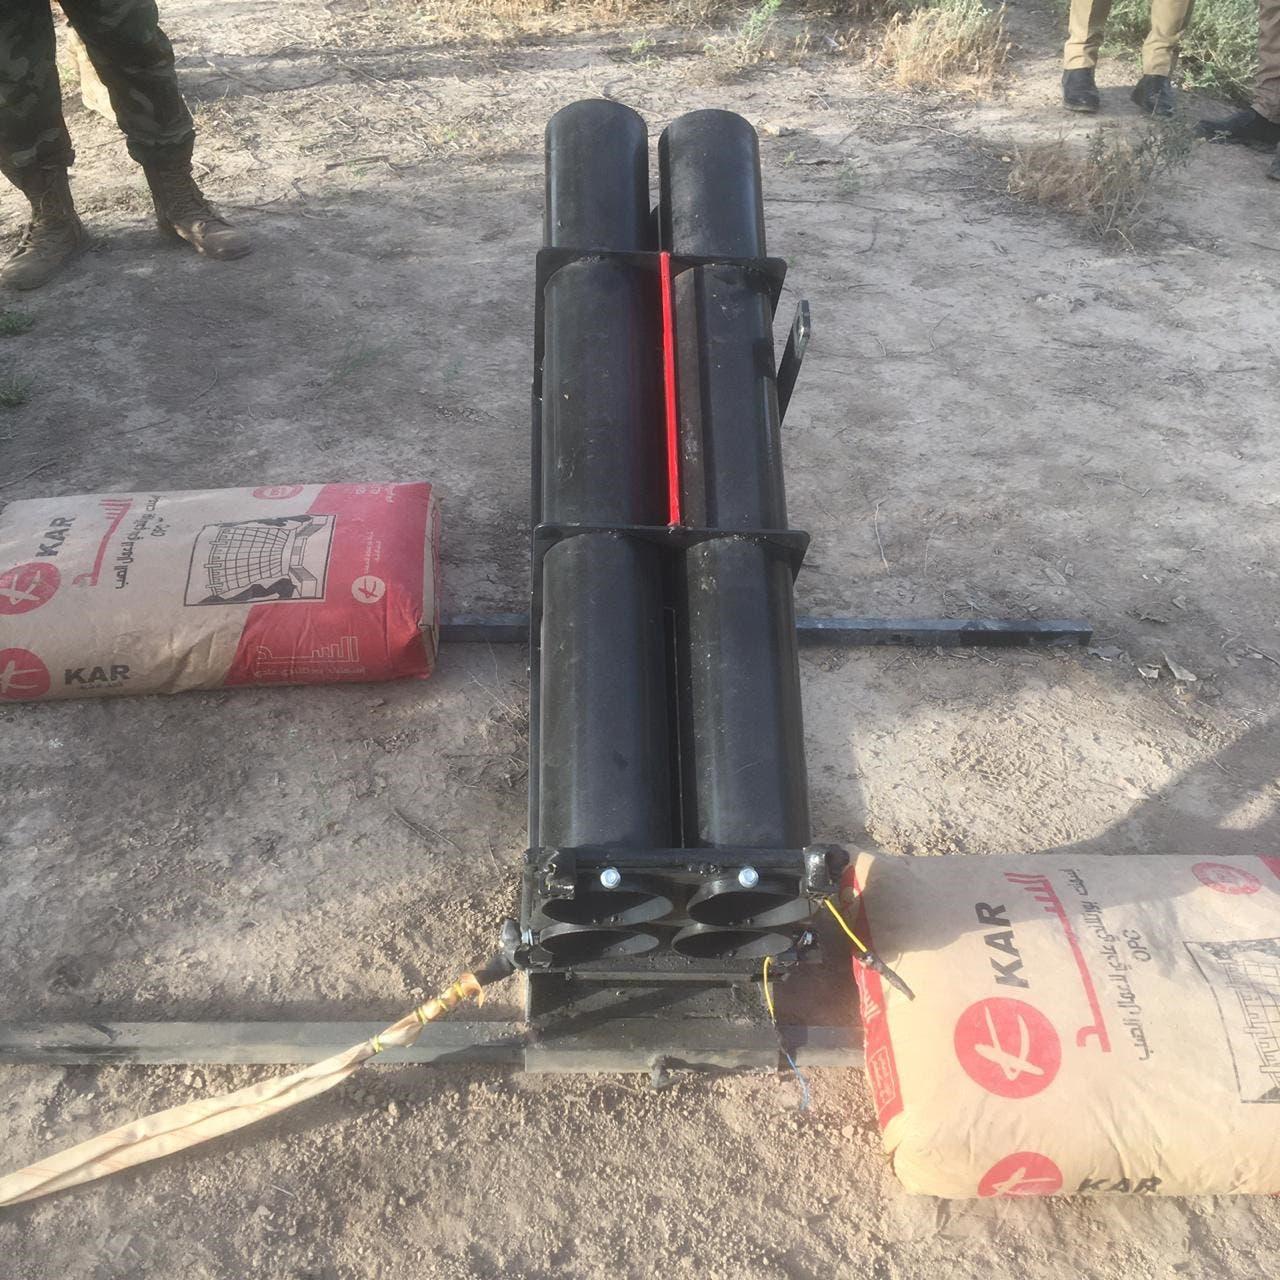 منصة إطلاق صواريخ (أرشيفية)